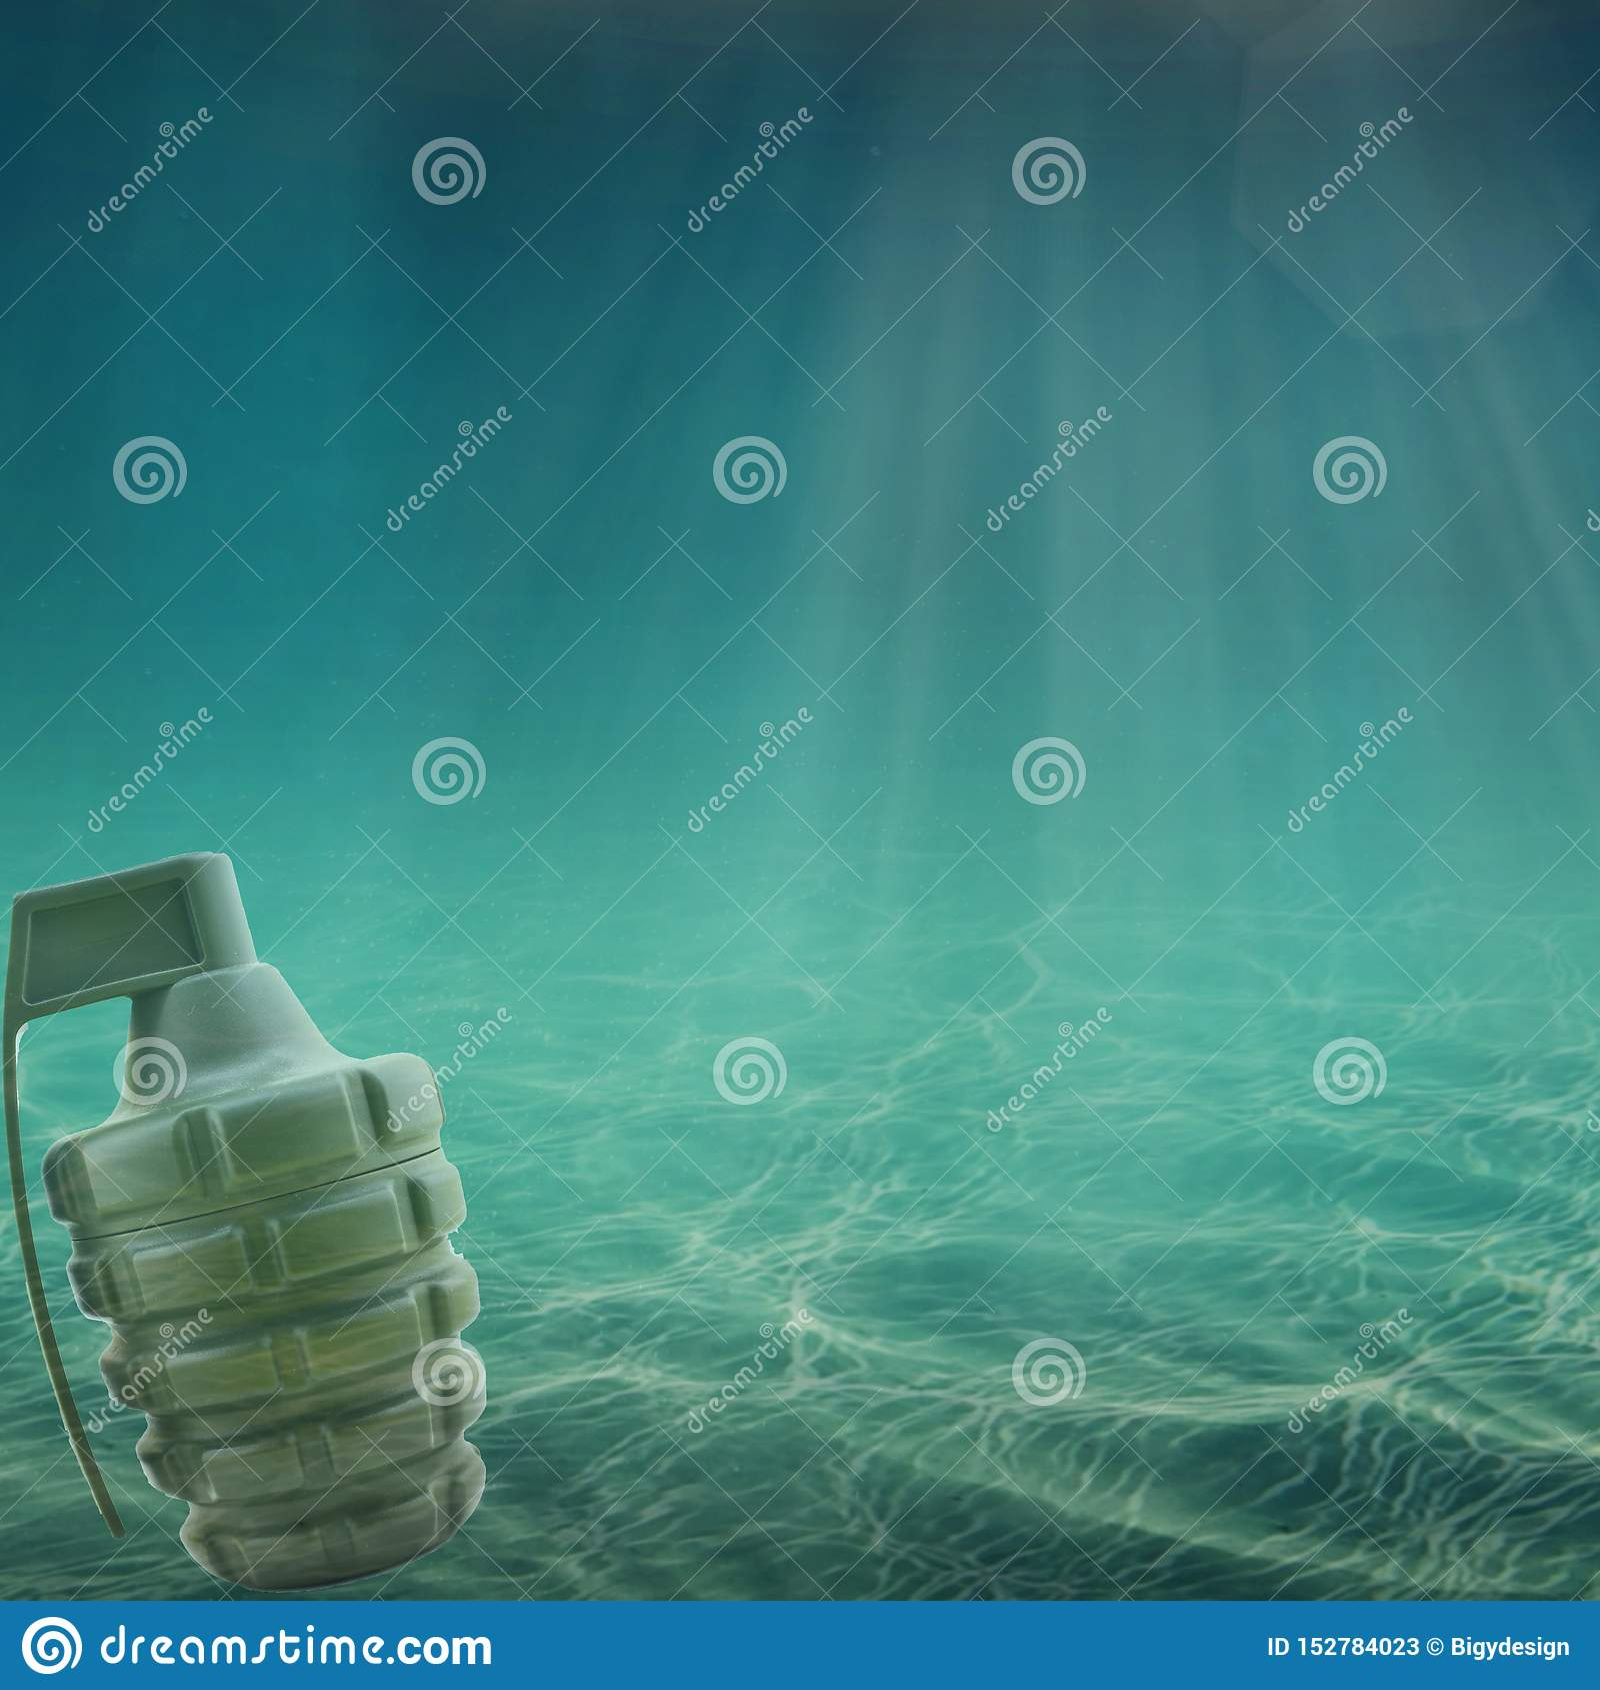 Χειροβομβίδα στη θάλασσα ή τον ωκεανό Πόλεμος πετρελαίου